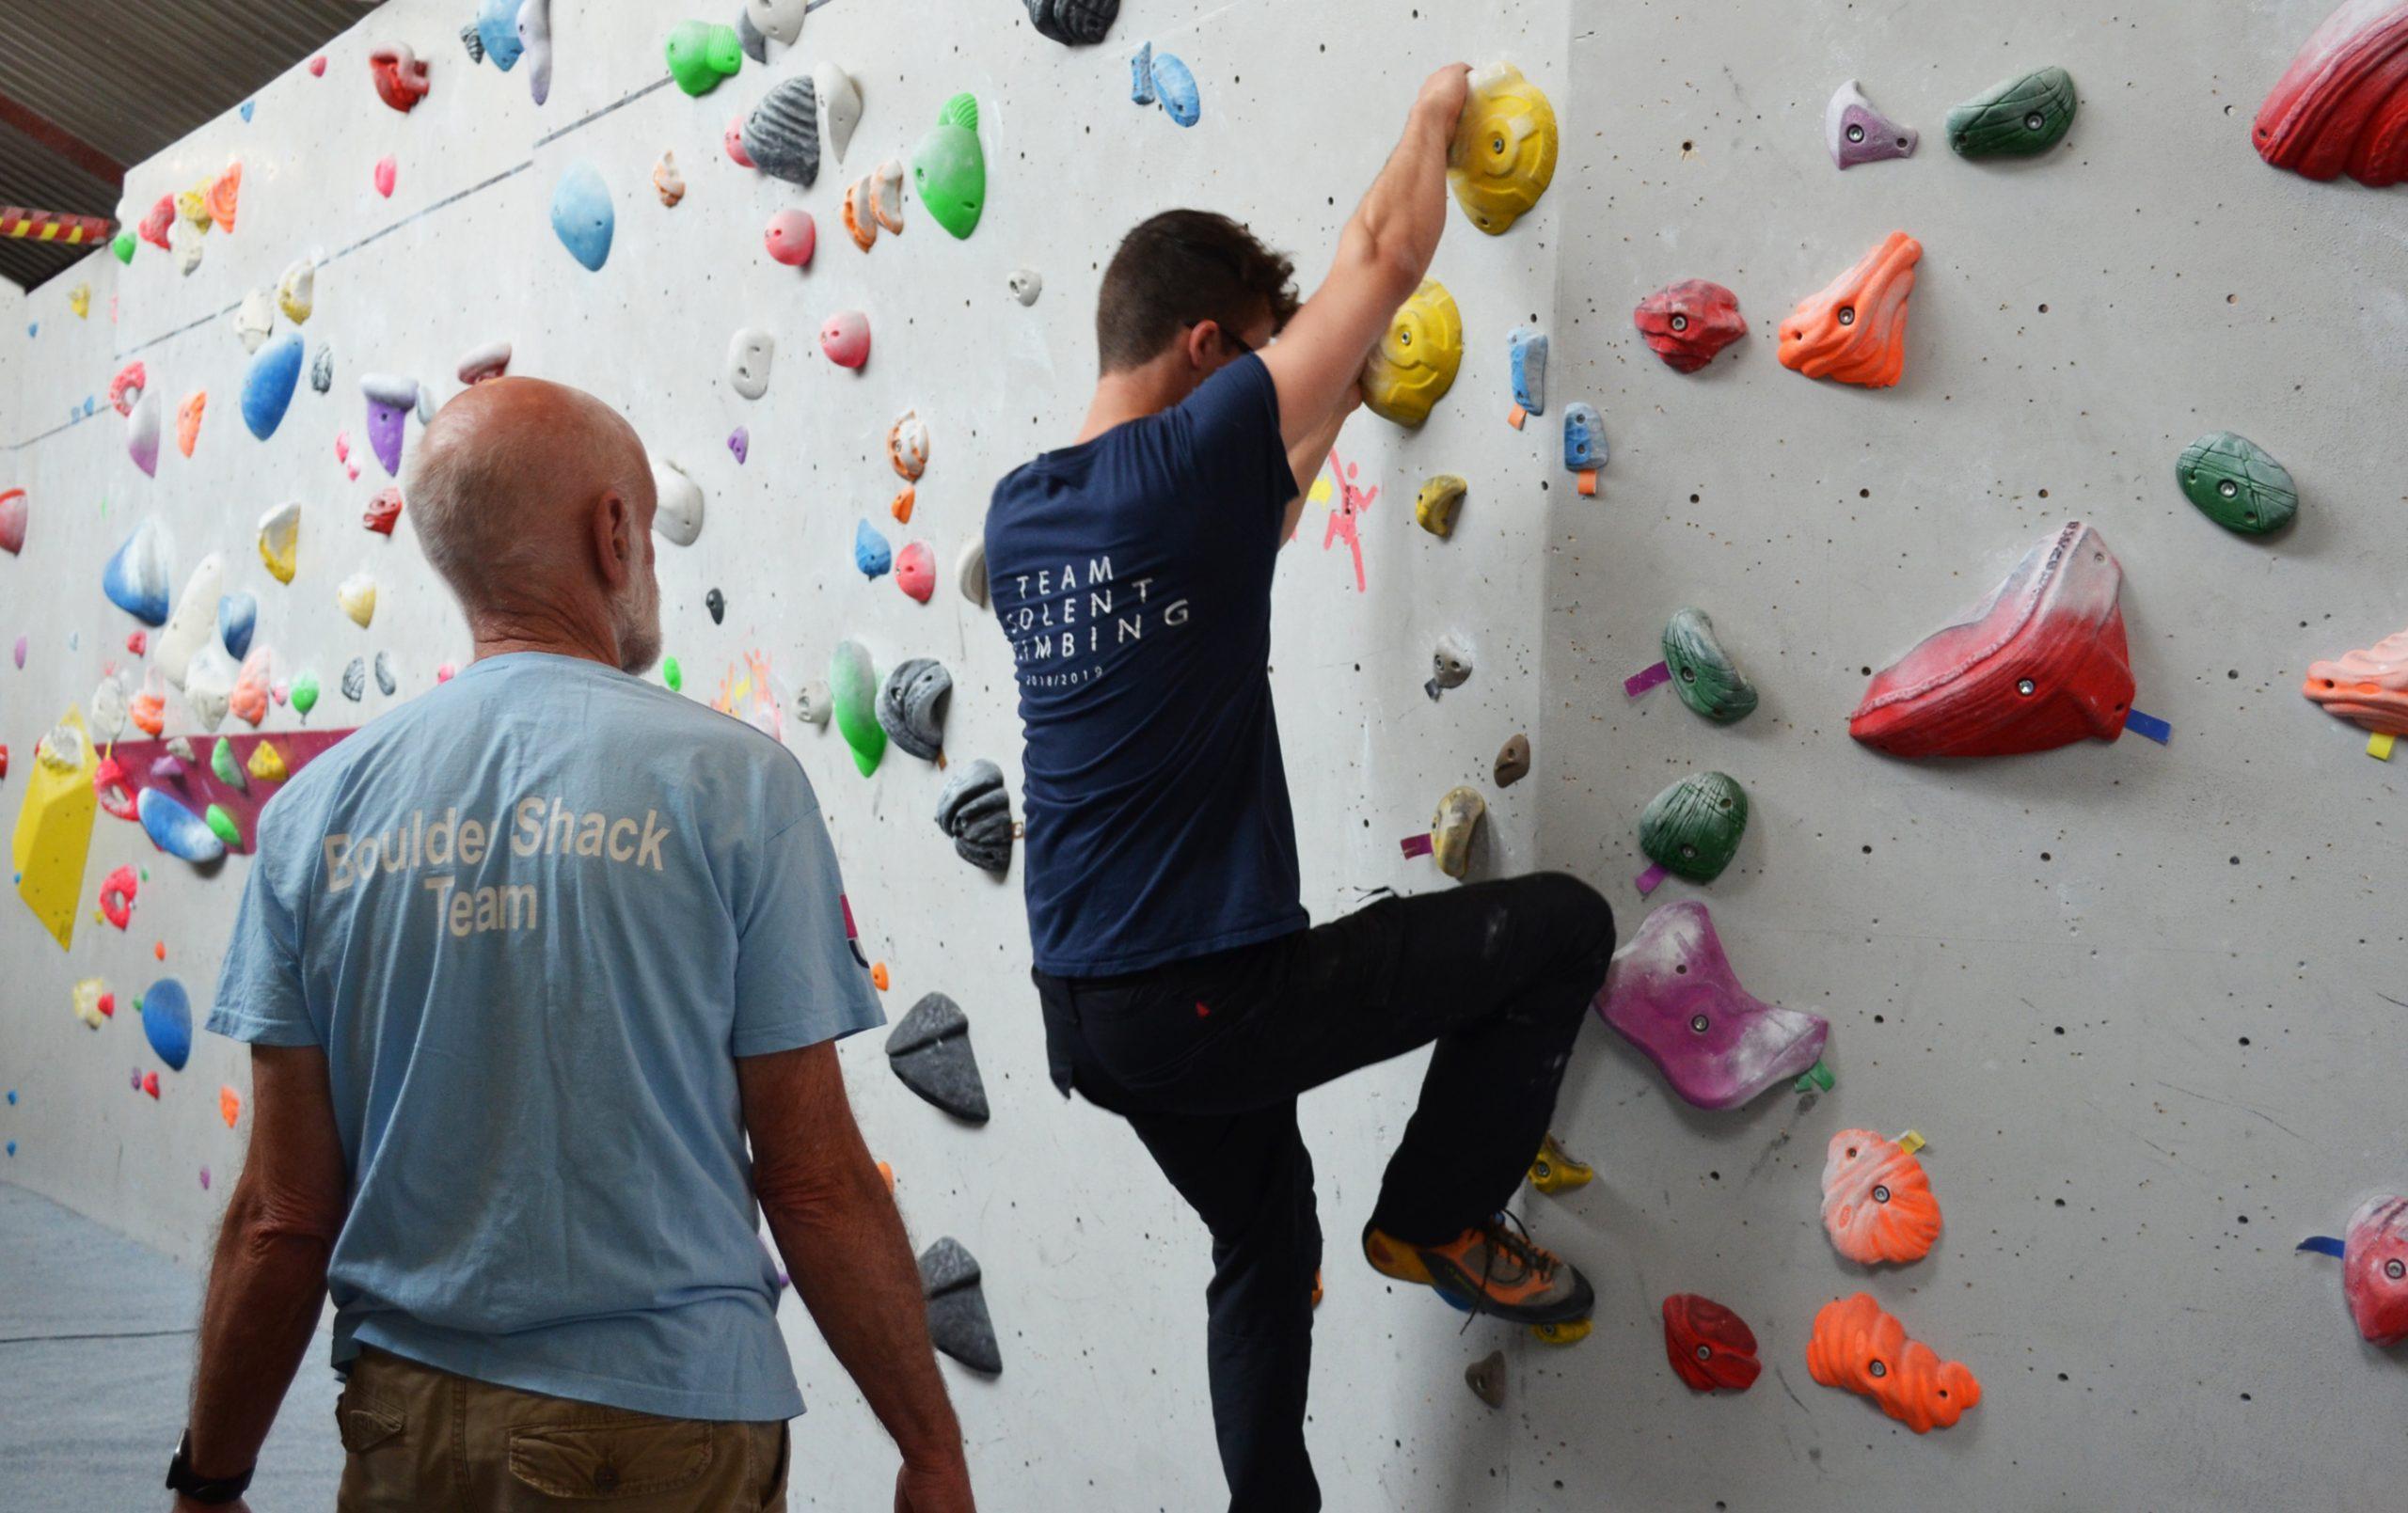 boulder shack coaching climbing fitness class